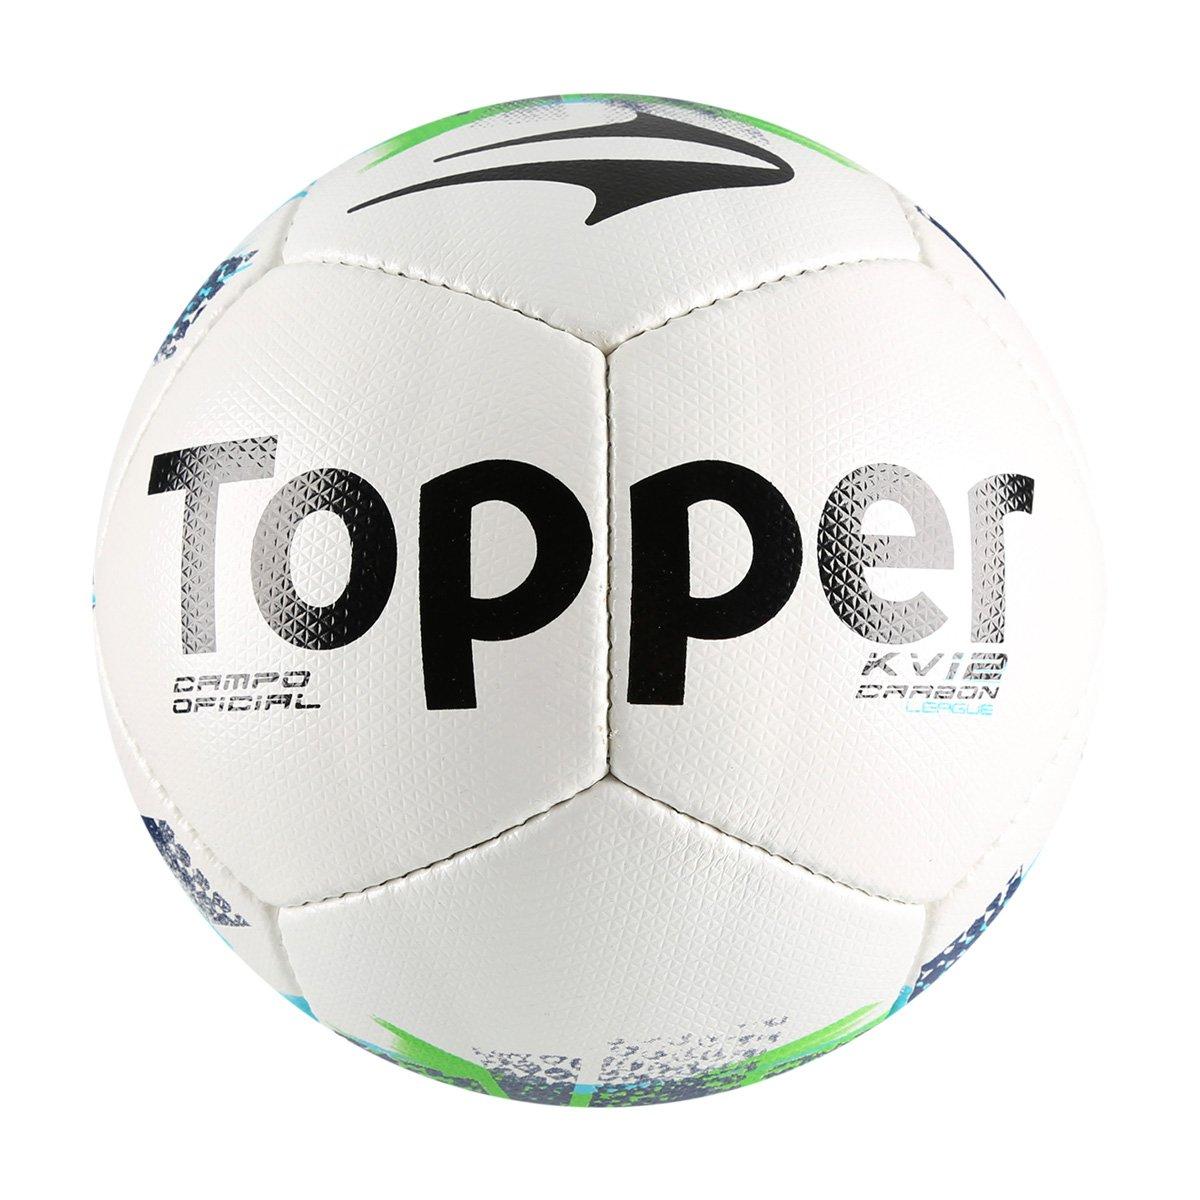 911b80cbc020f Bola Futebol Campo Topper KV Carbon League - Branco e Marinho - Compre  Agora